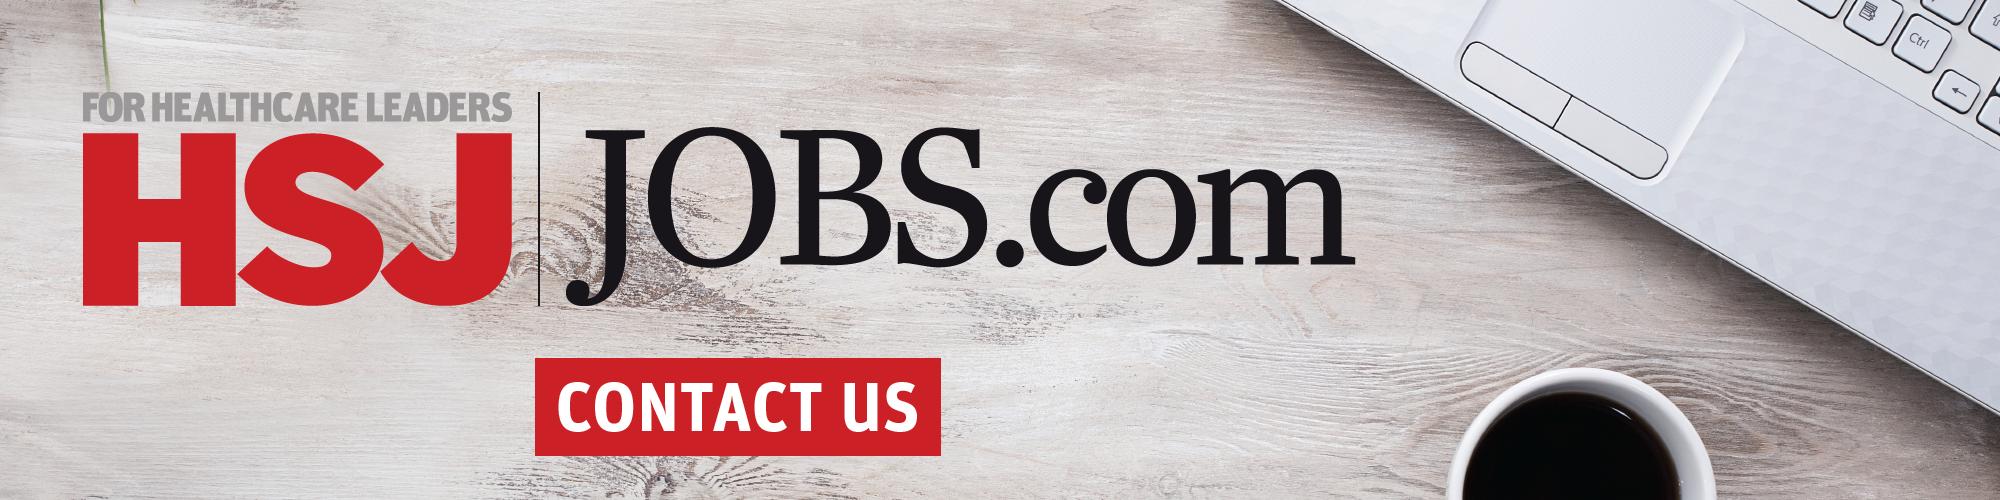 HSJ Jobs